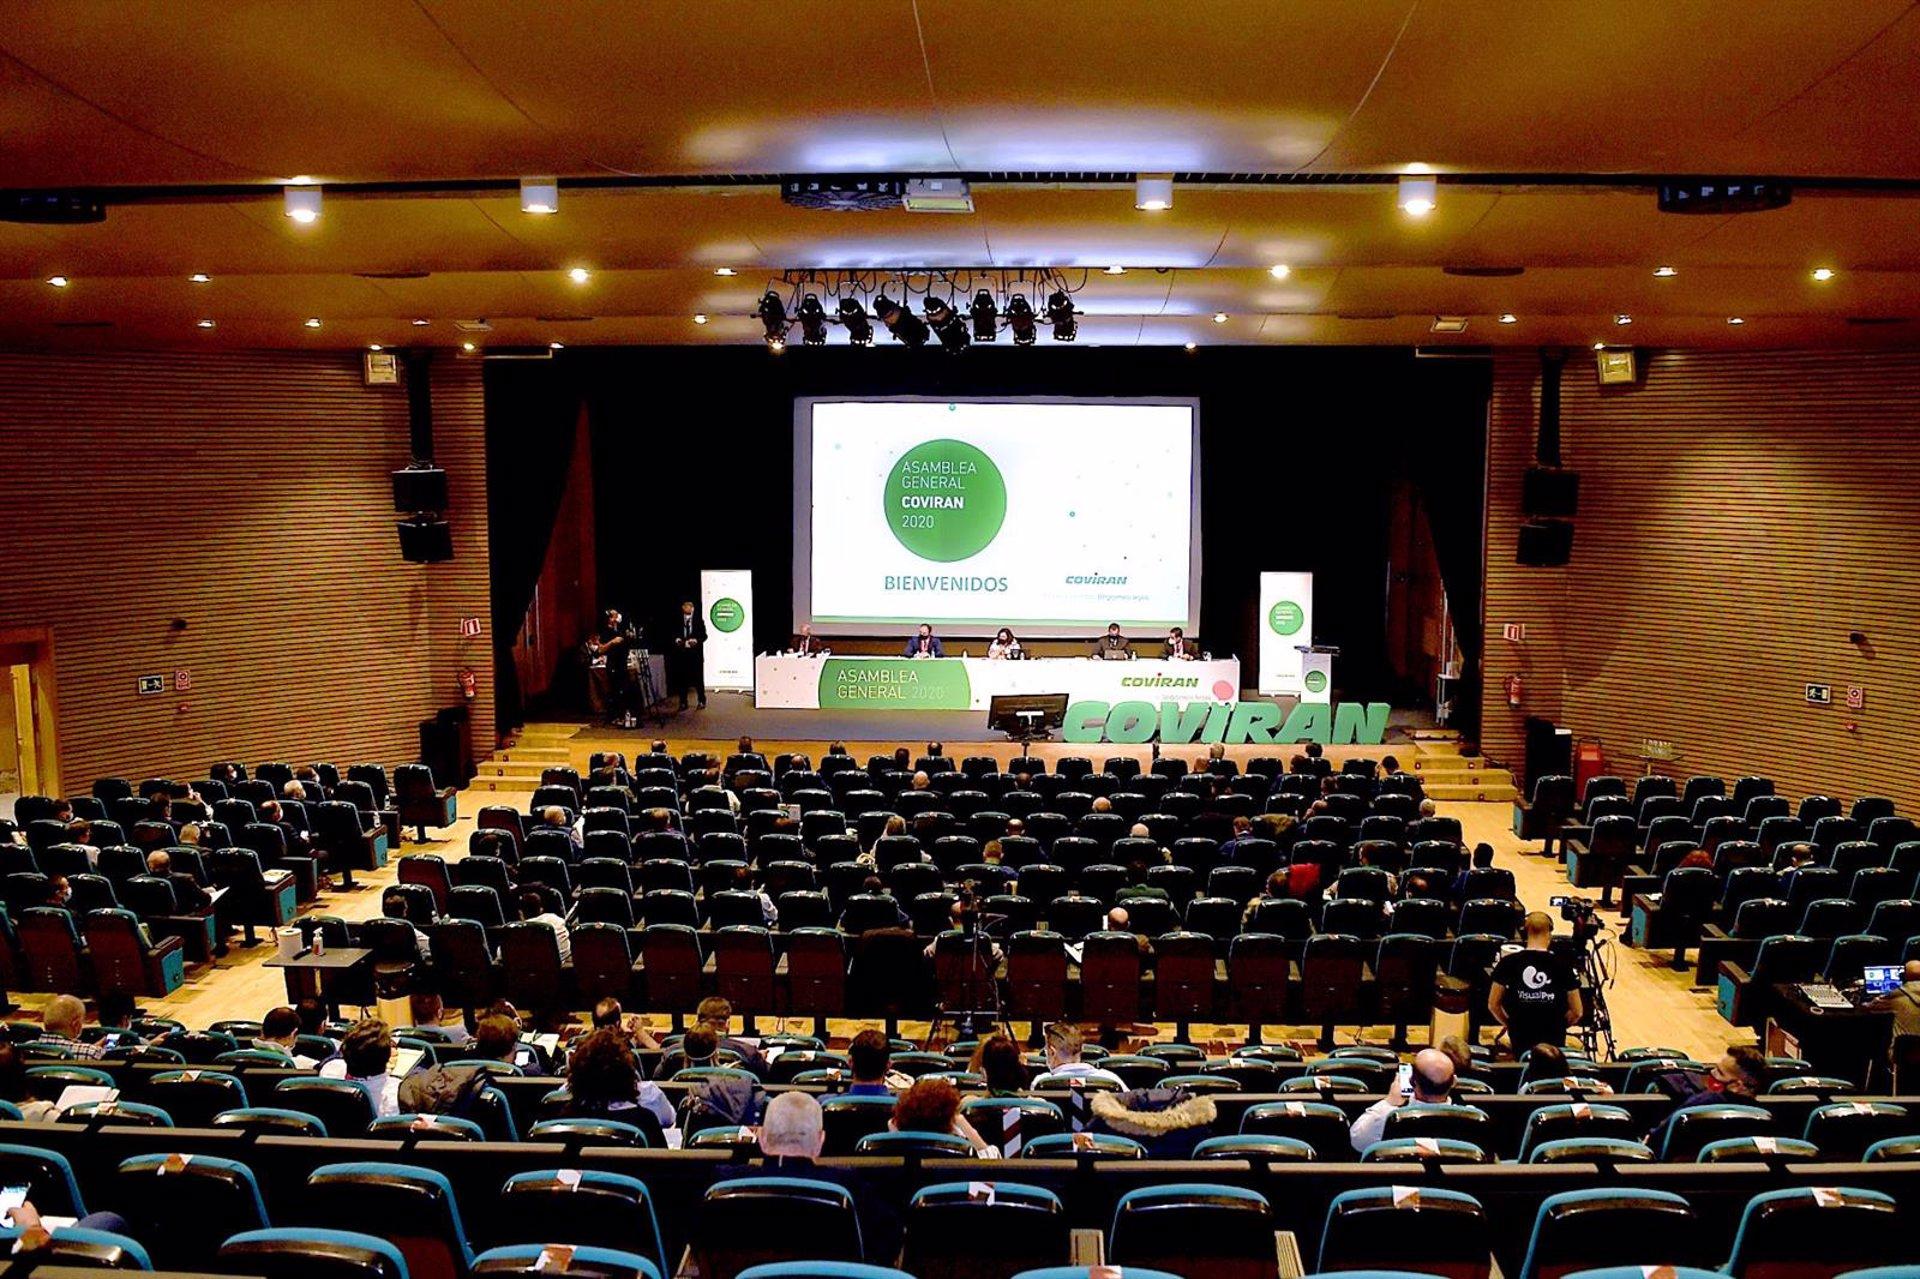 La Asamblea General de Covirán respalda a su consejo rector con la aprobación de las cuentas de 2019